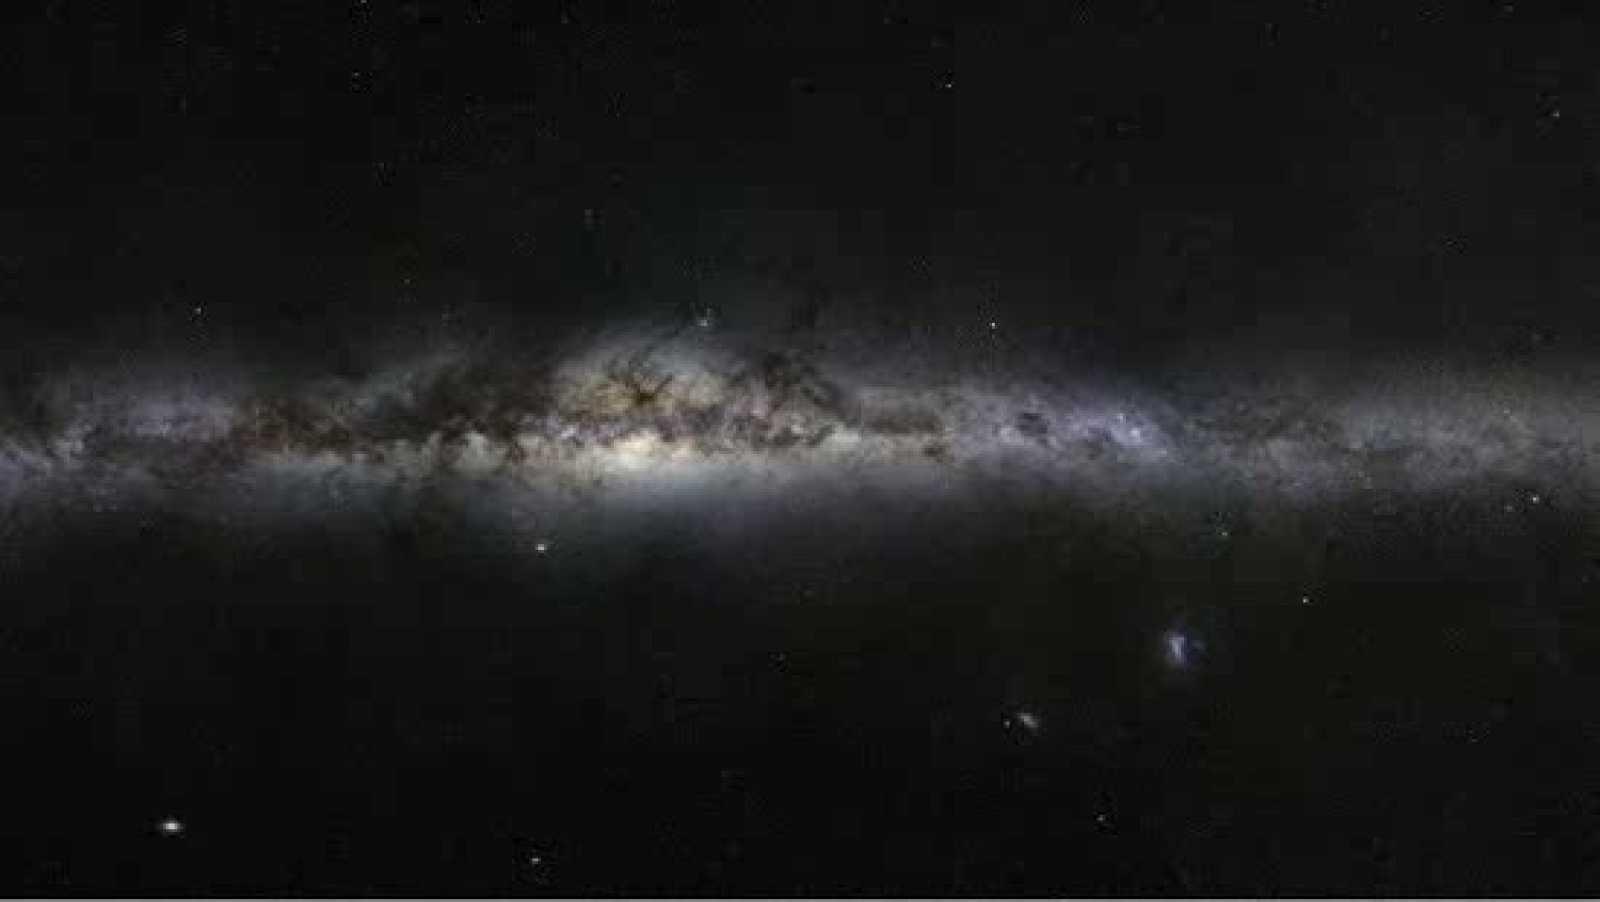 El Observatorio Europeo Austral (ESO) ha divulgado una nueva fotografía de la Gran Nube de Magallanes, una de las galaxias más cercanas a la Vía Láctea. En ella se aprecia todo un zoológico cósmico, lleno de cúmulos globulares y brillantes explosione